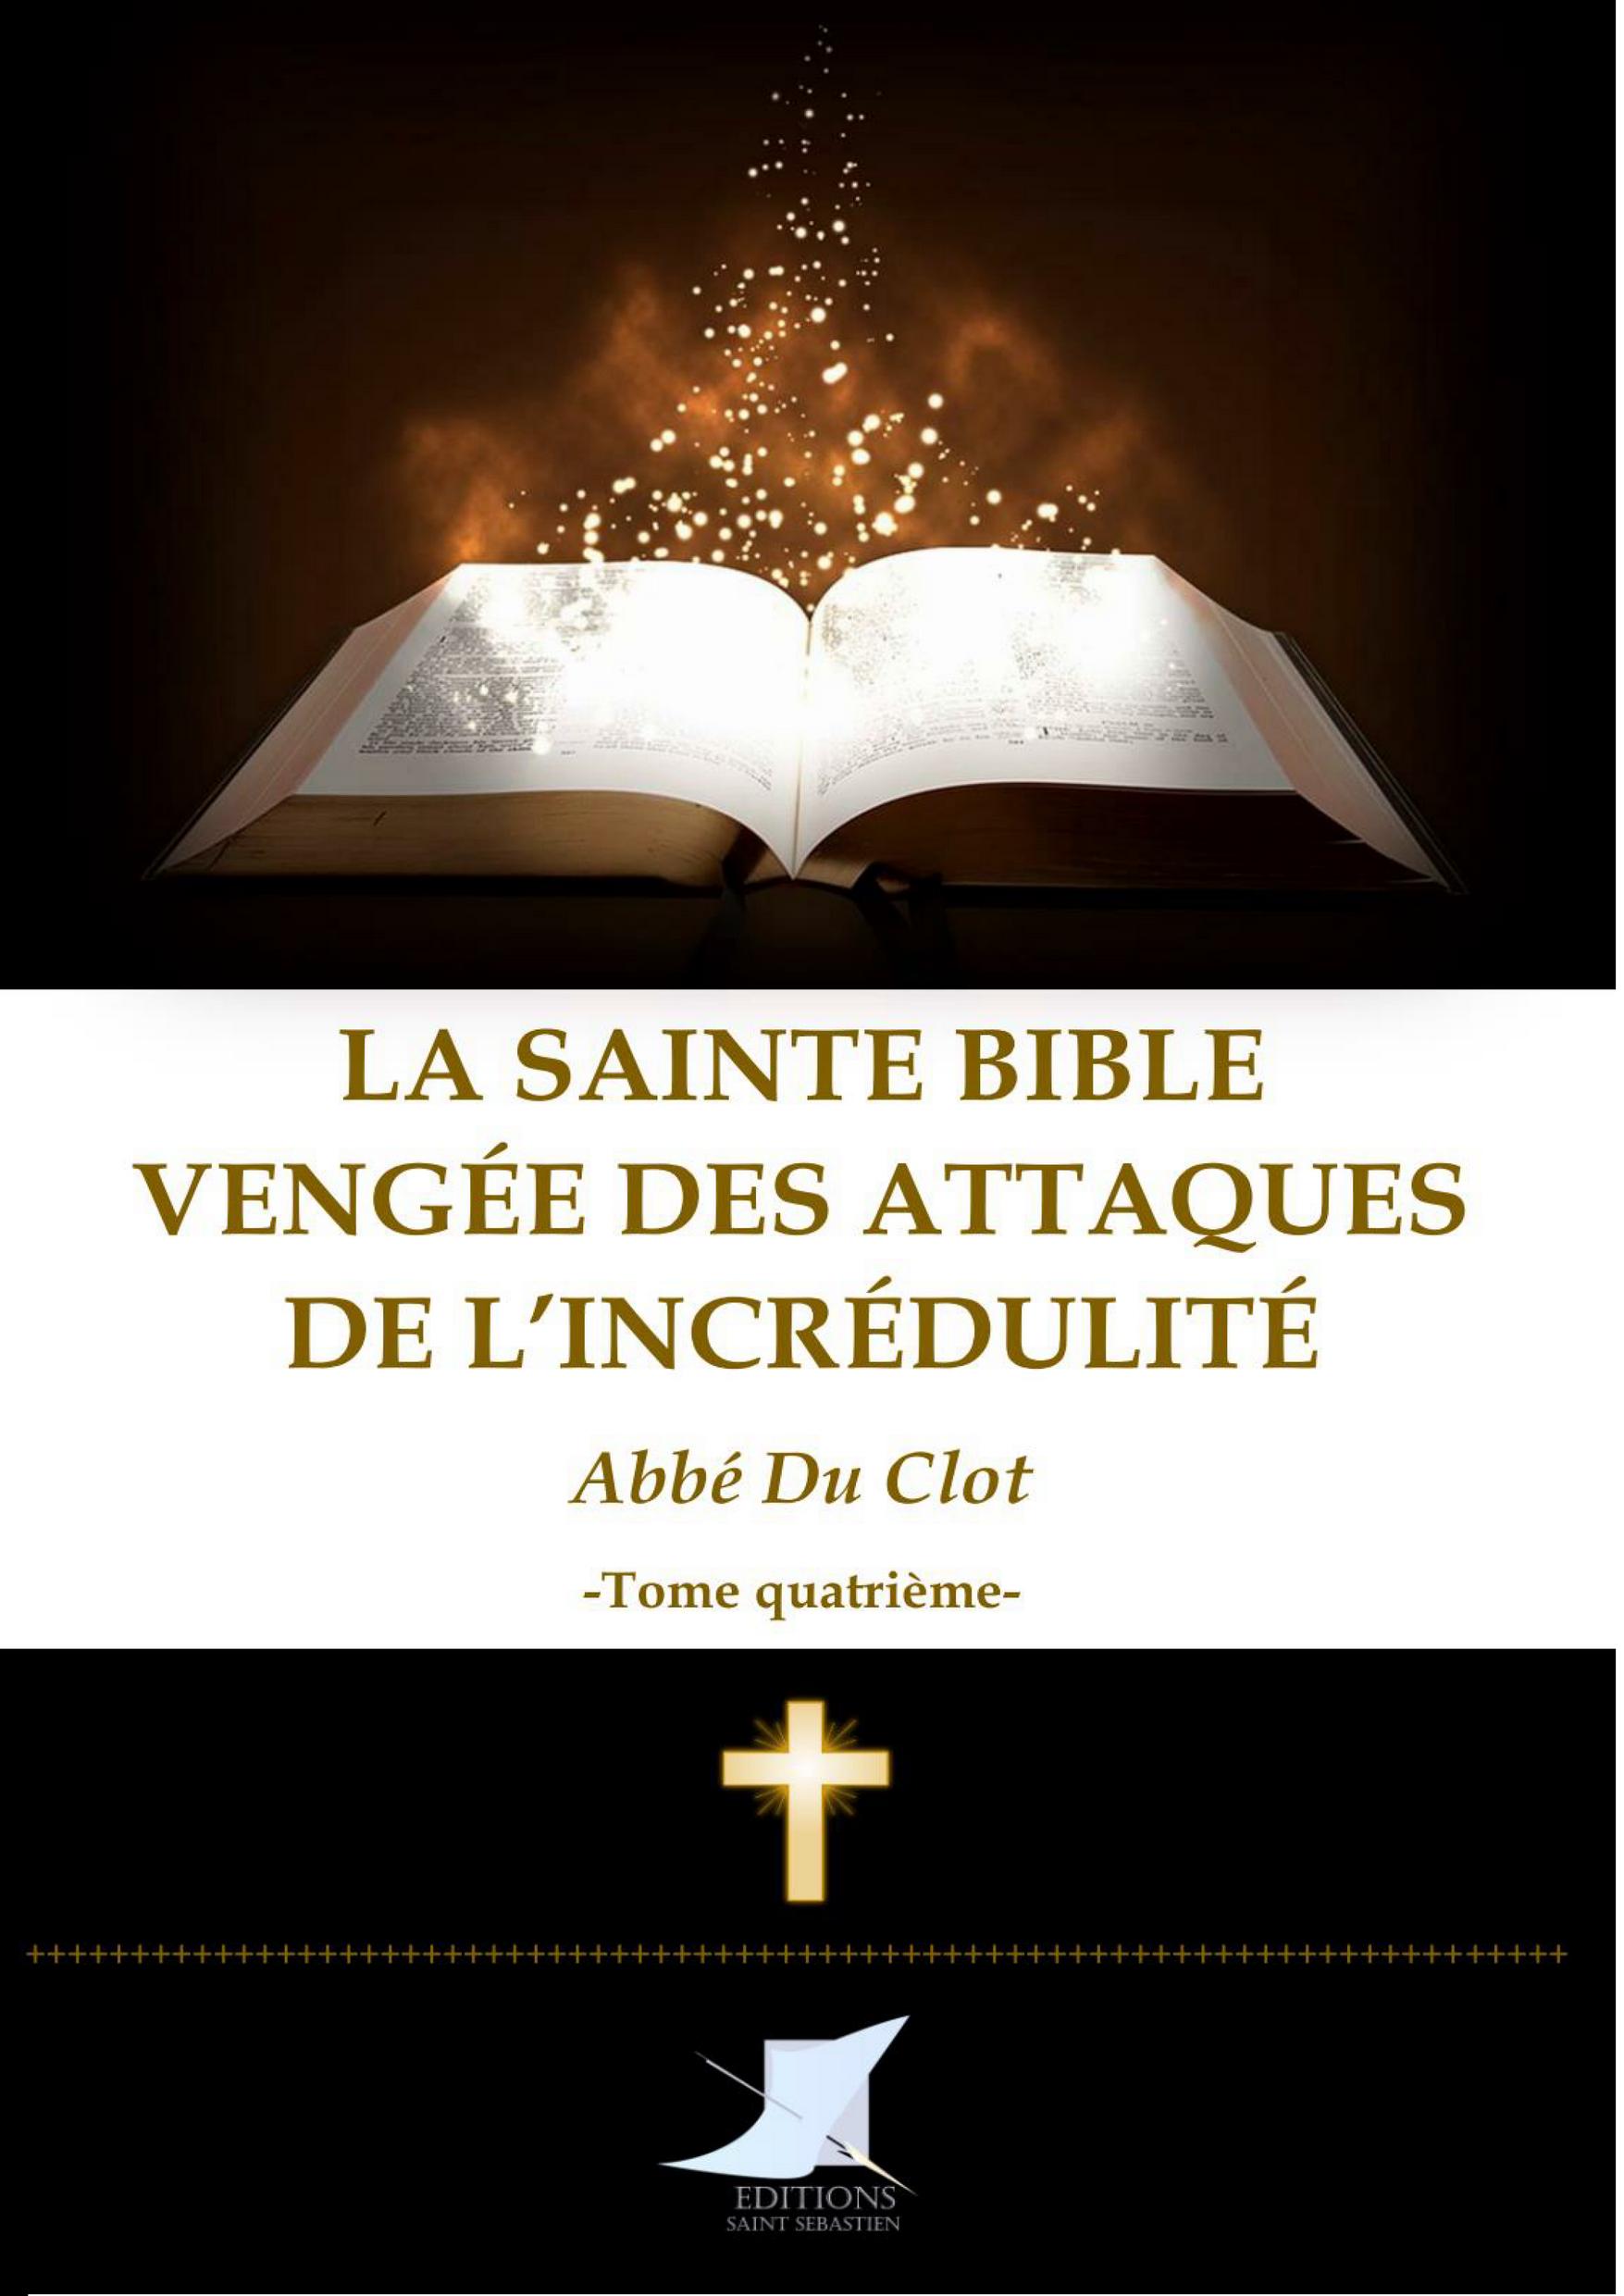 La Sainte Bible vengée Tome quatrième